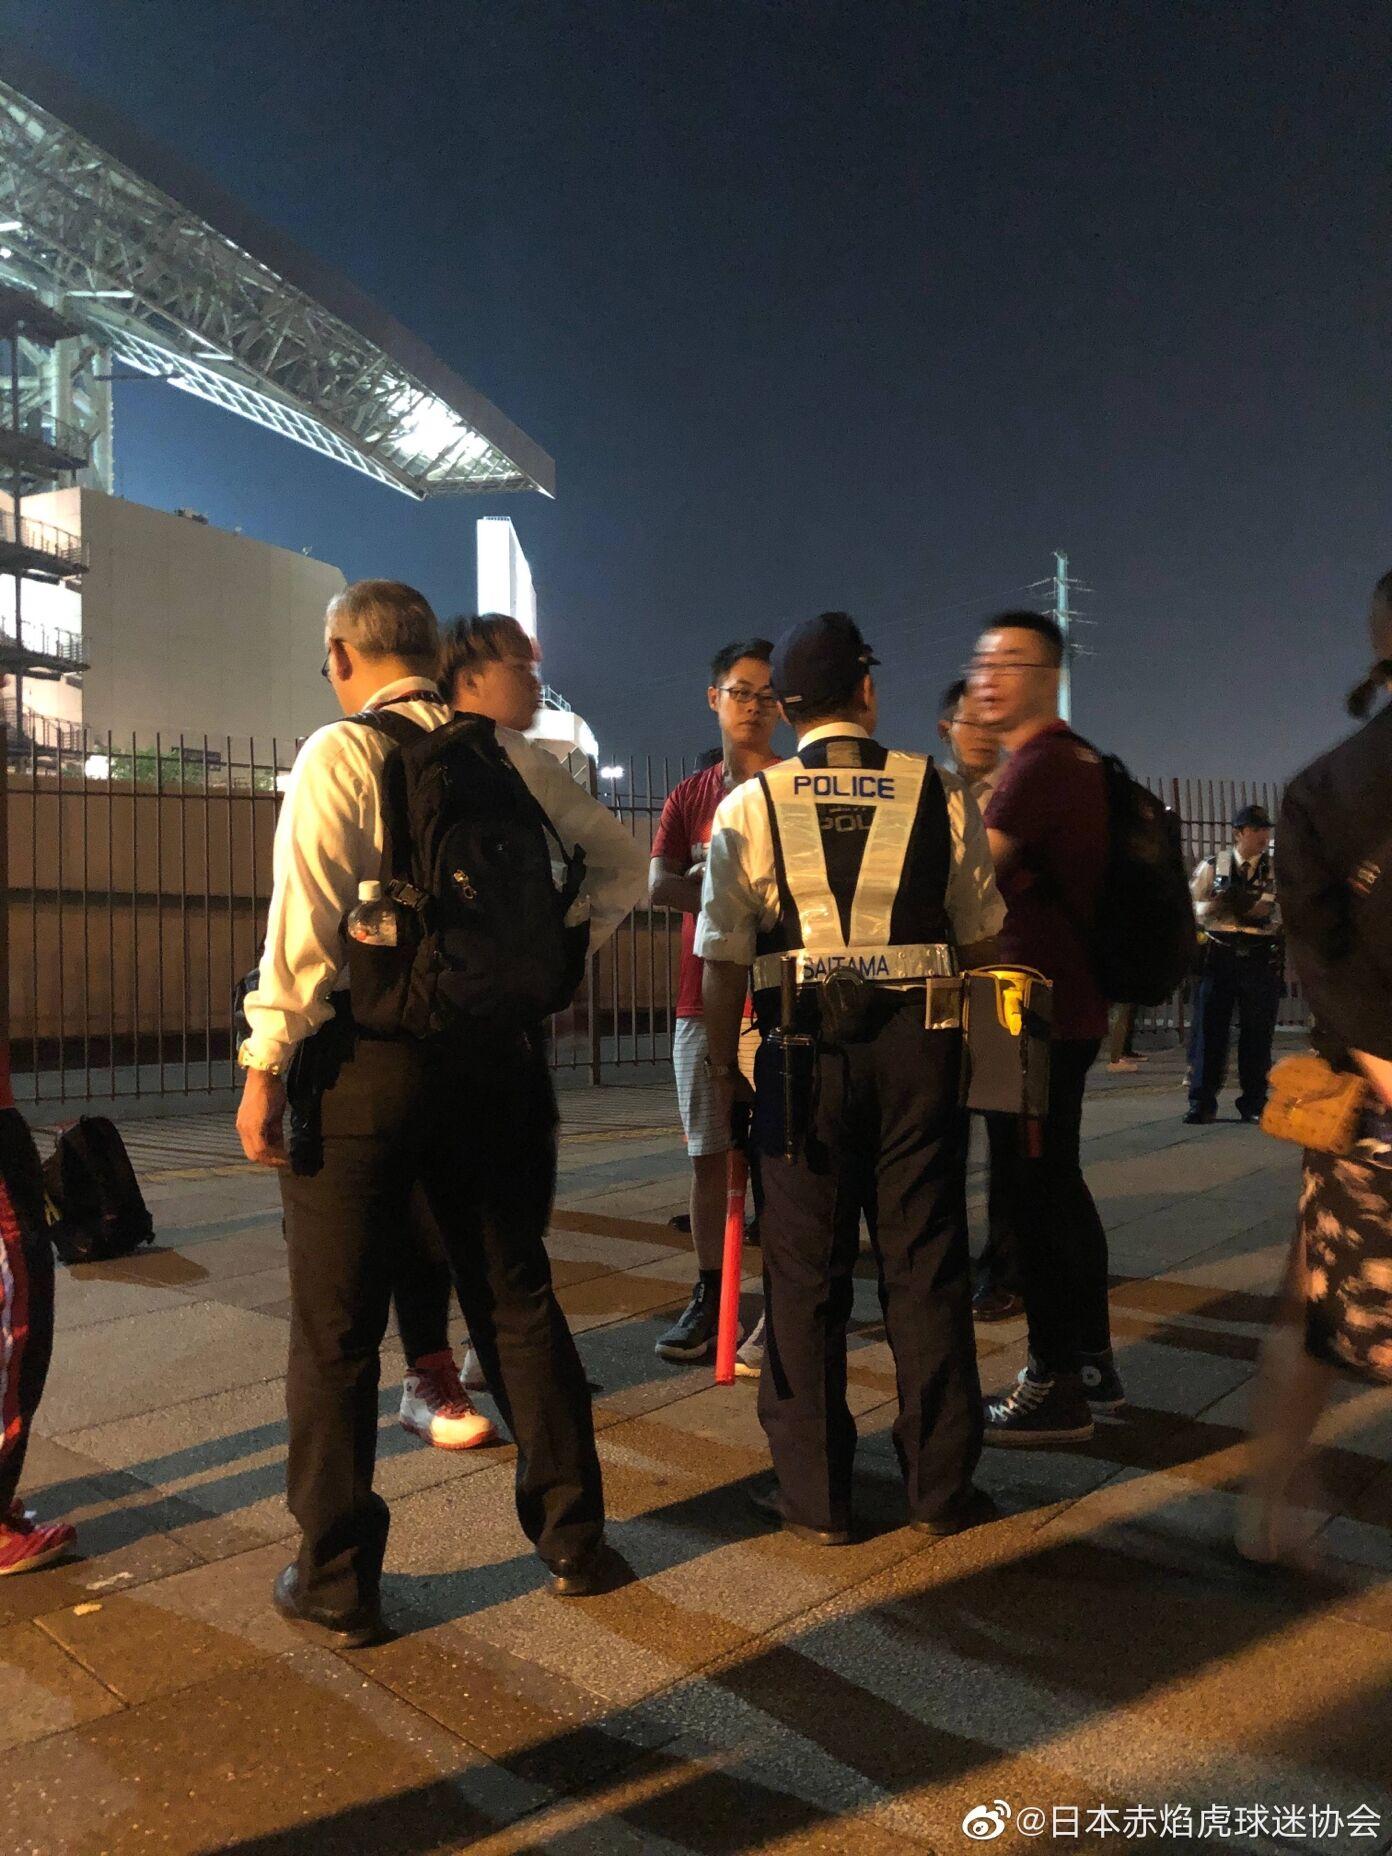 恒大日本球迷协会:日本球迷赛后持棍棒围攻恒大球迷